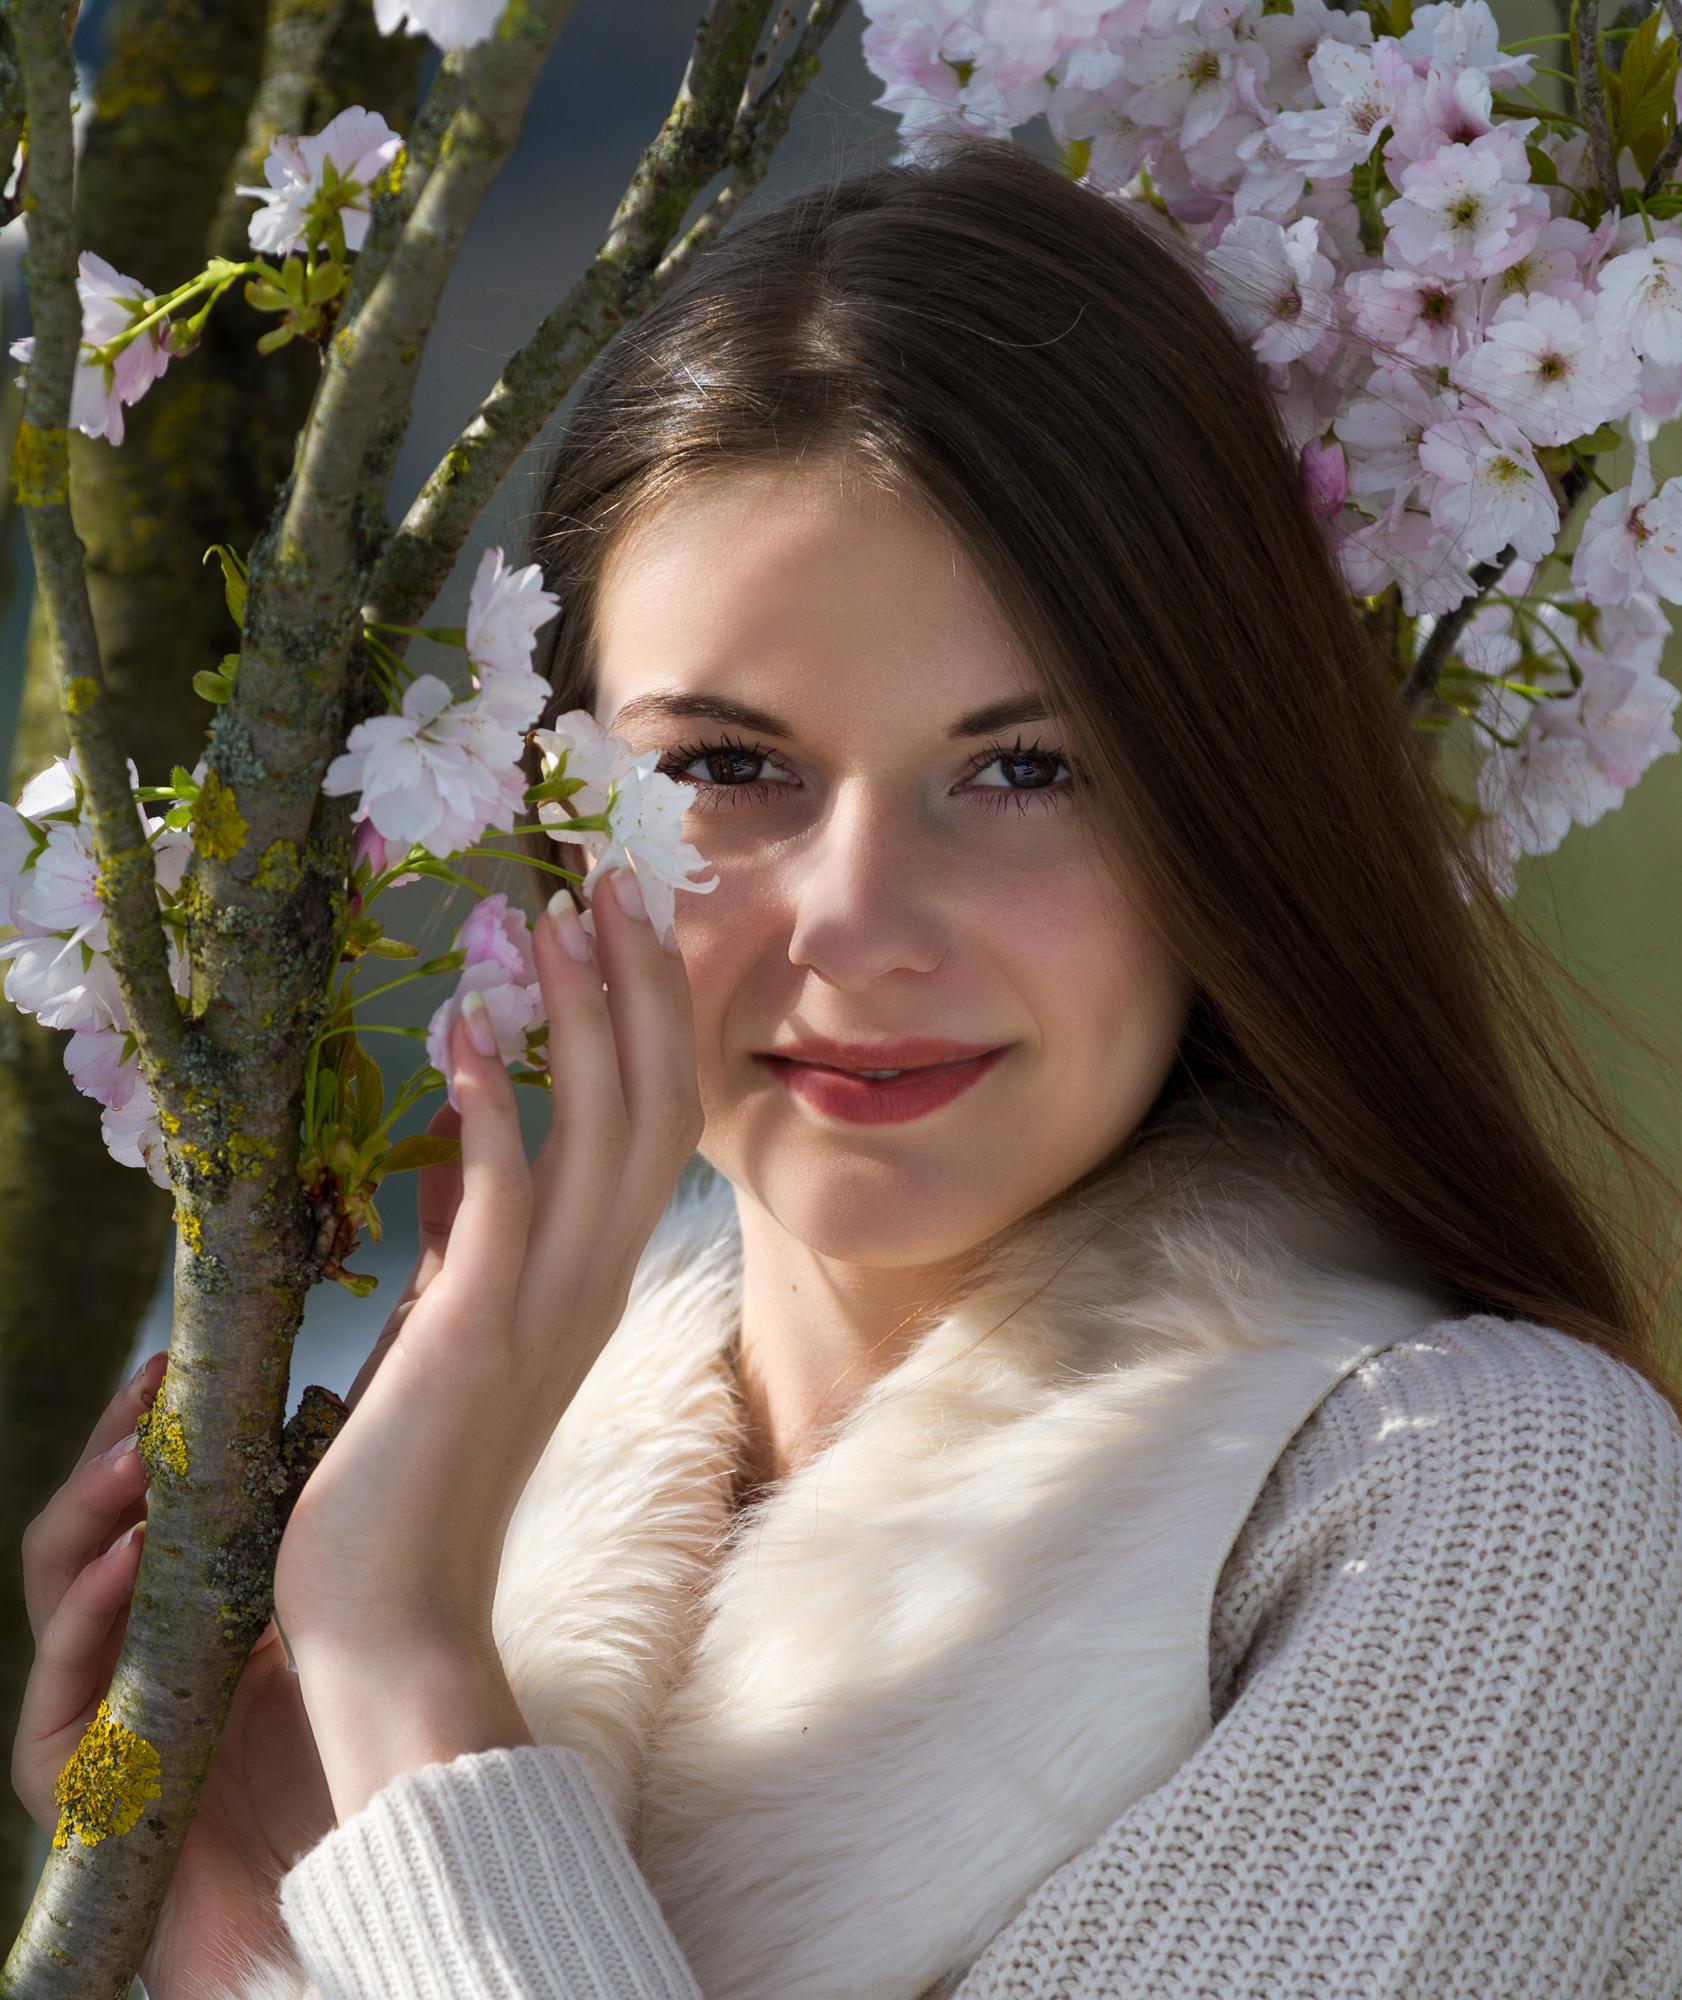 Portraitfotografie-Niederösterreich-Wien-Schubert Photography-0